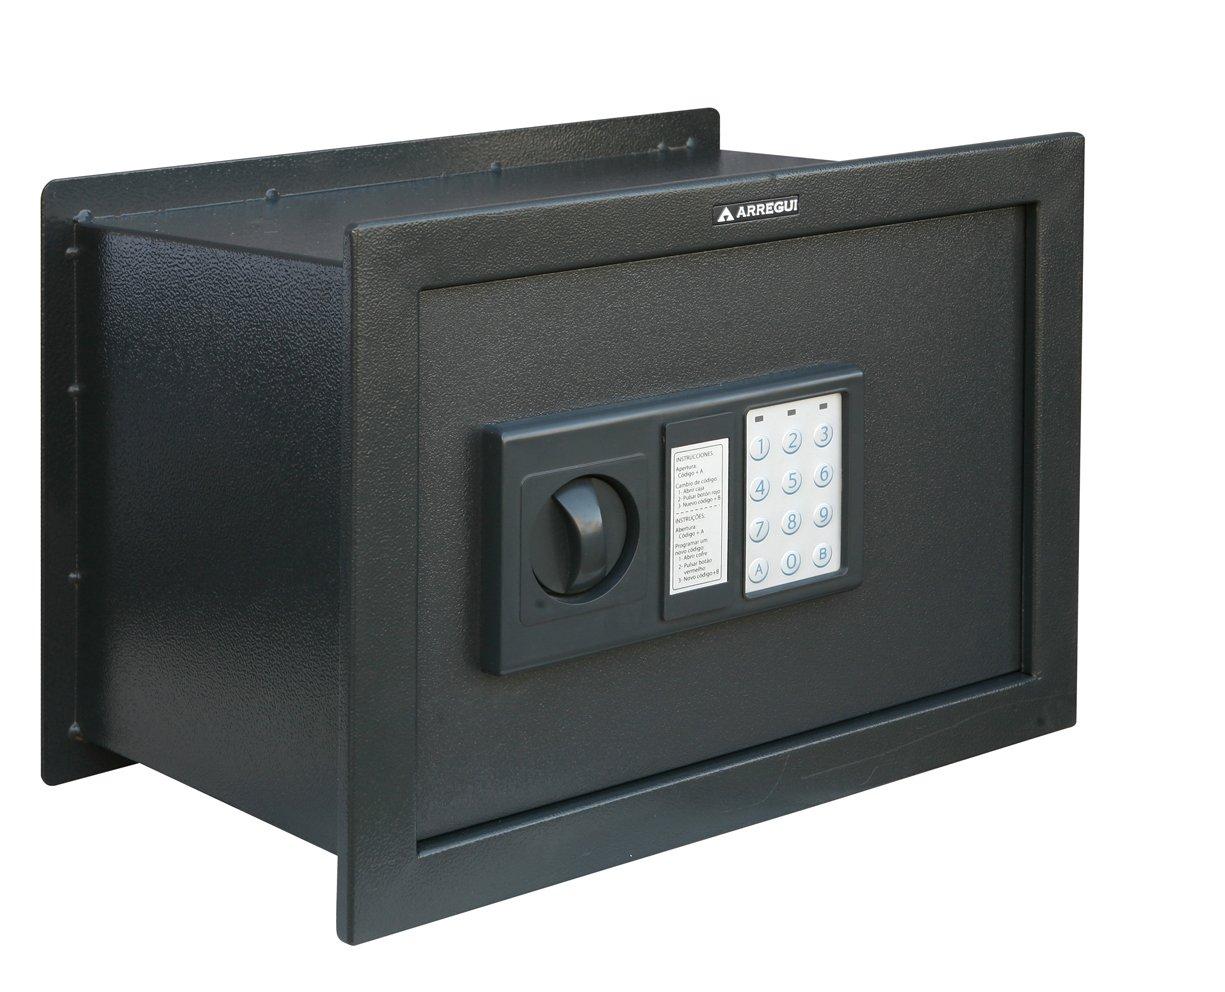 Arregui W25EB Caja Fuerte de empotrar electrónica con pomo. 380x280x250mm, Gris Oscuro, 380 x 280 x 250 mm: Amazon.es: Bricolaje y herramientas